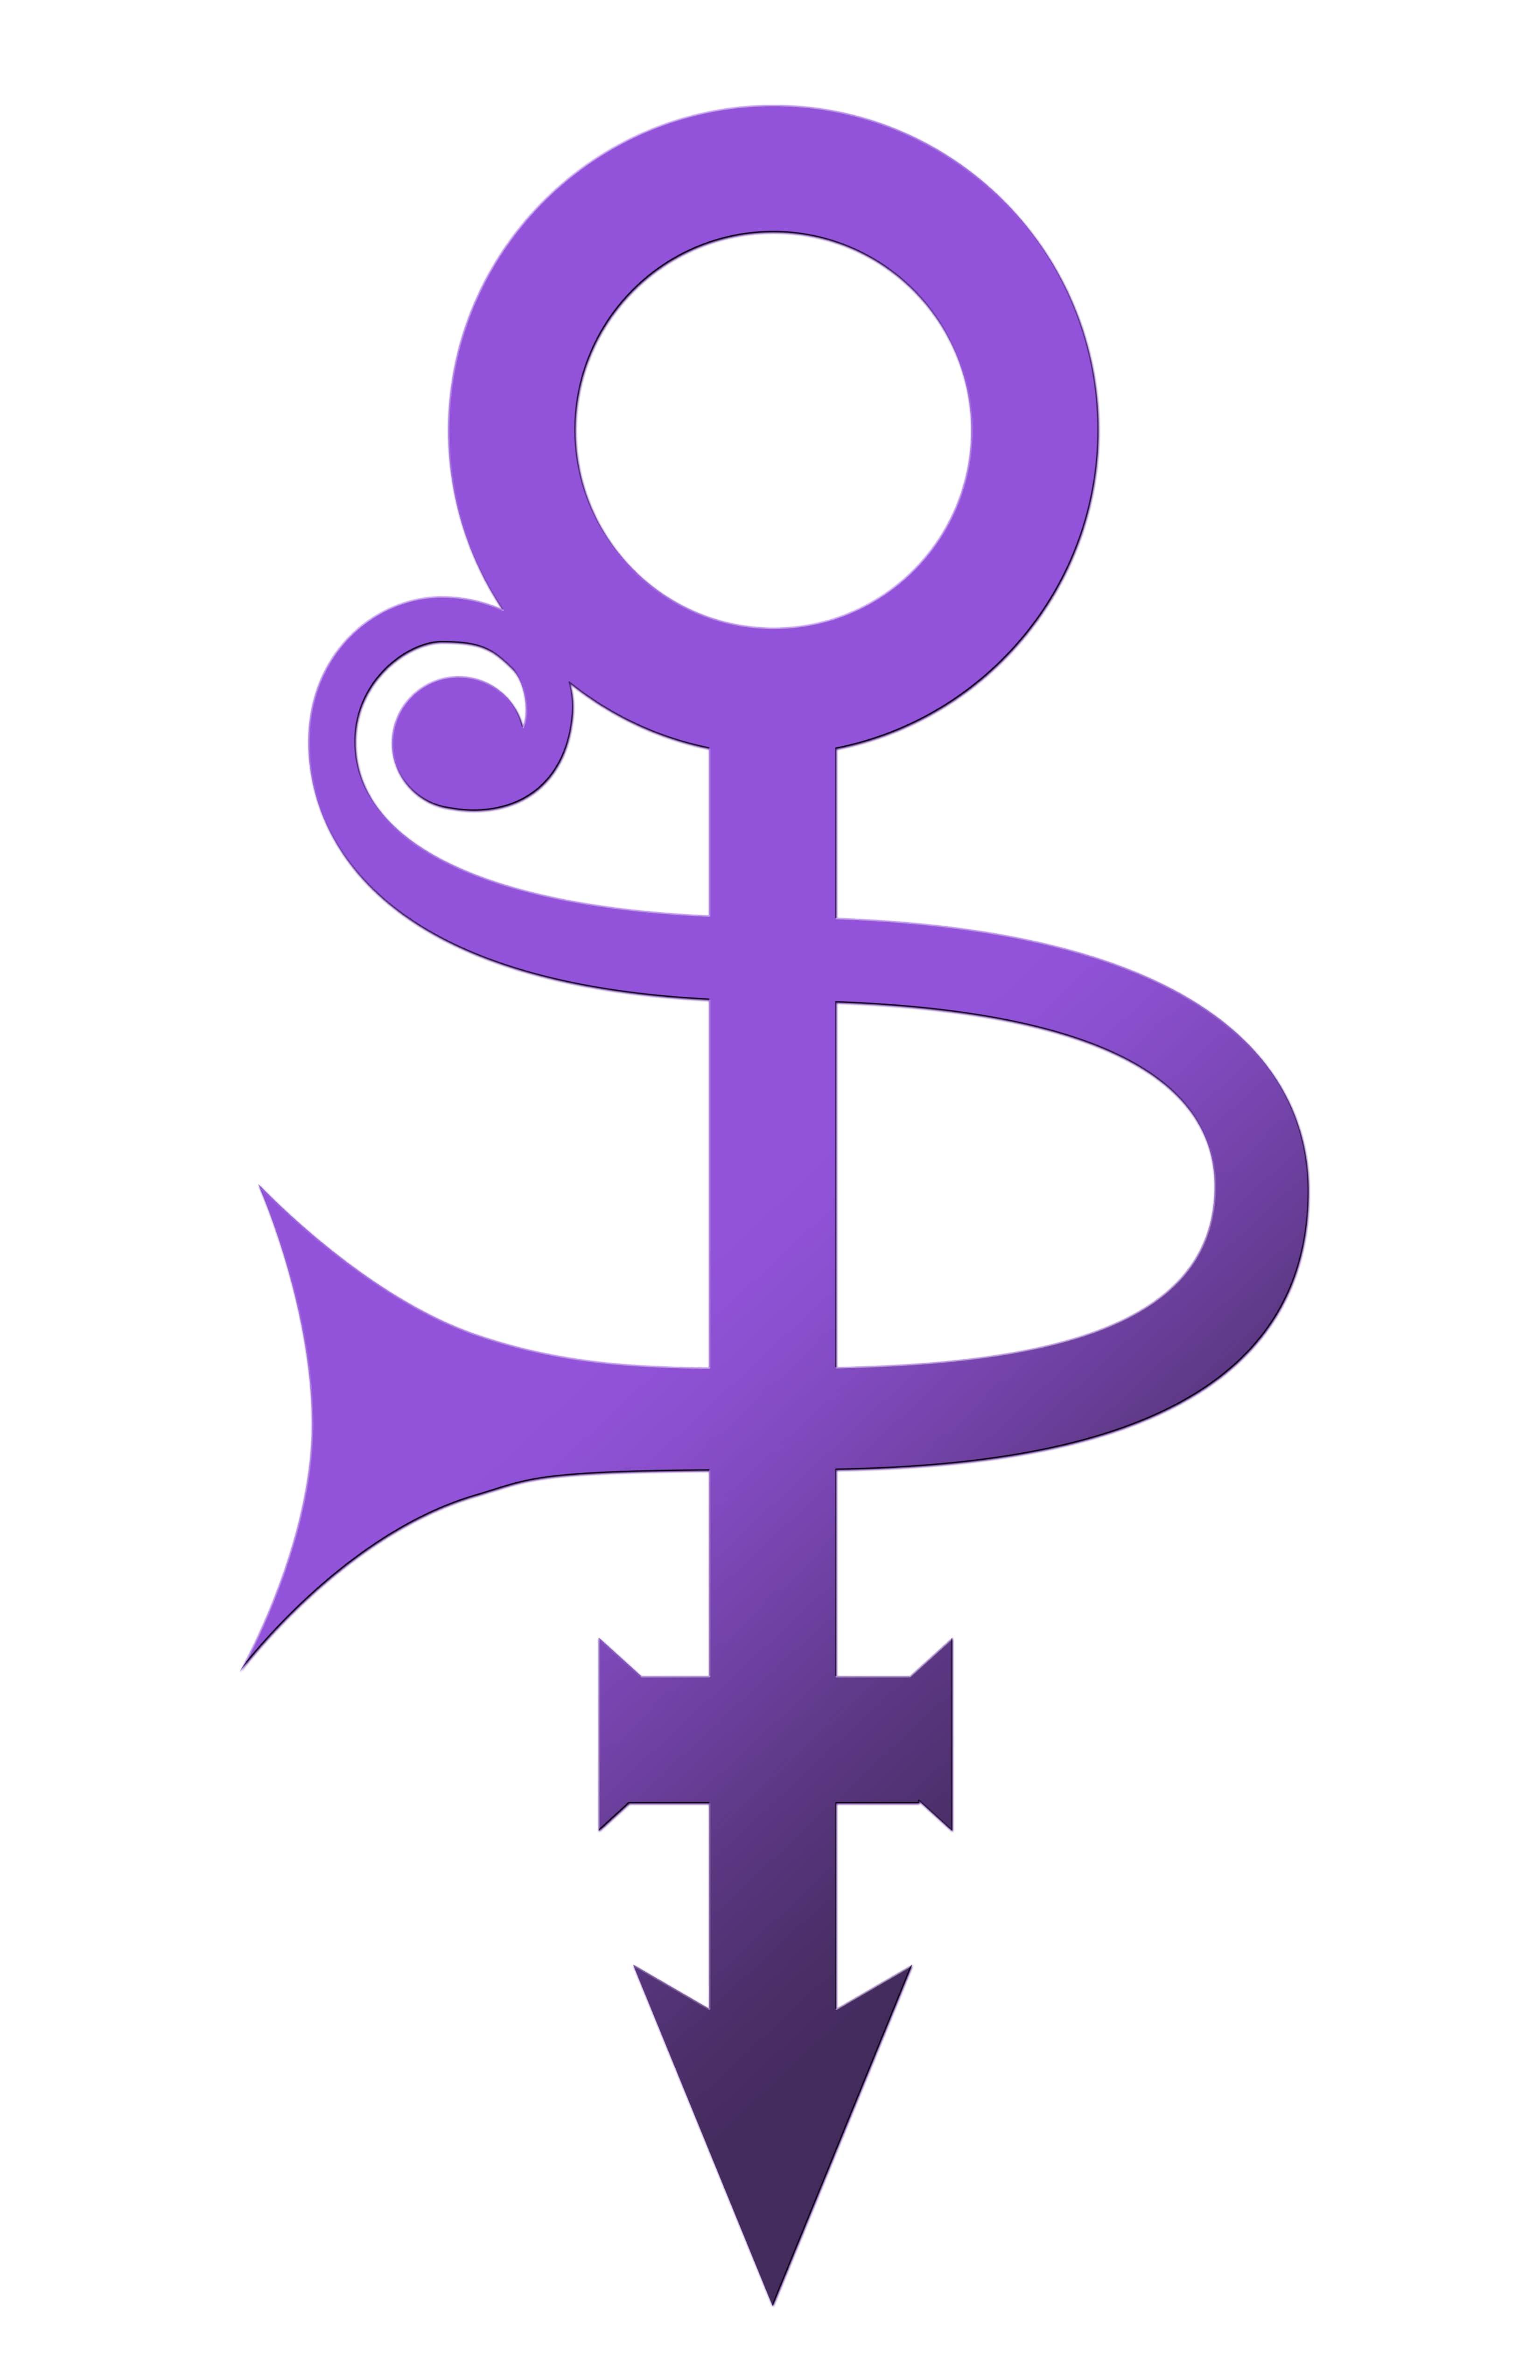 Tposymbol purplewhite min min ming downloads biocorpaavc